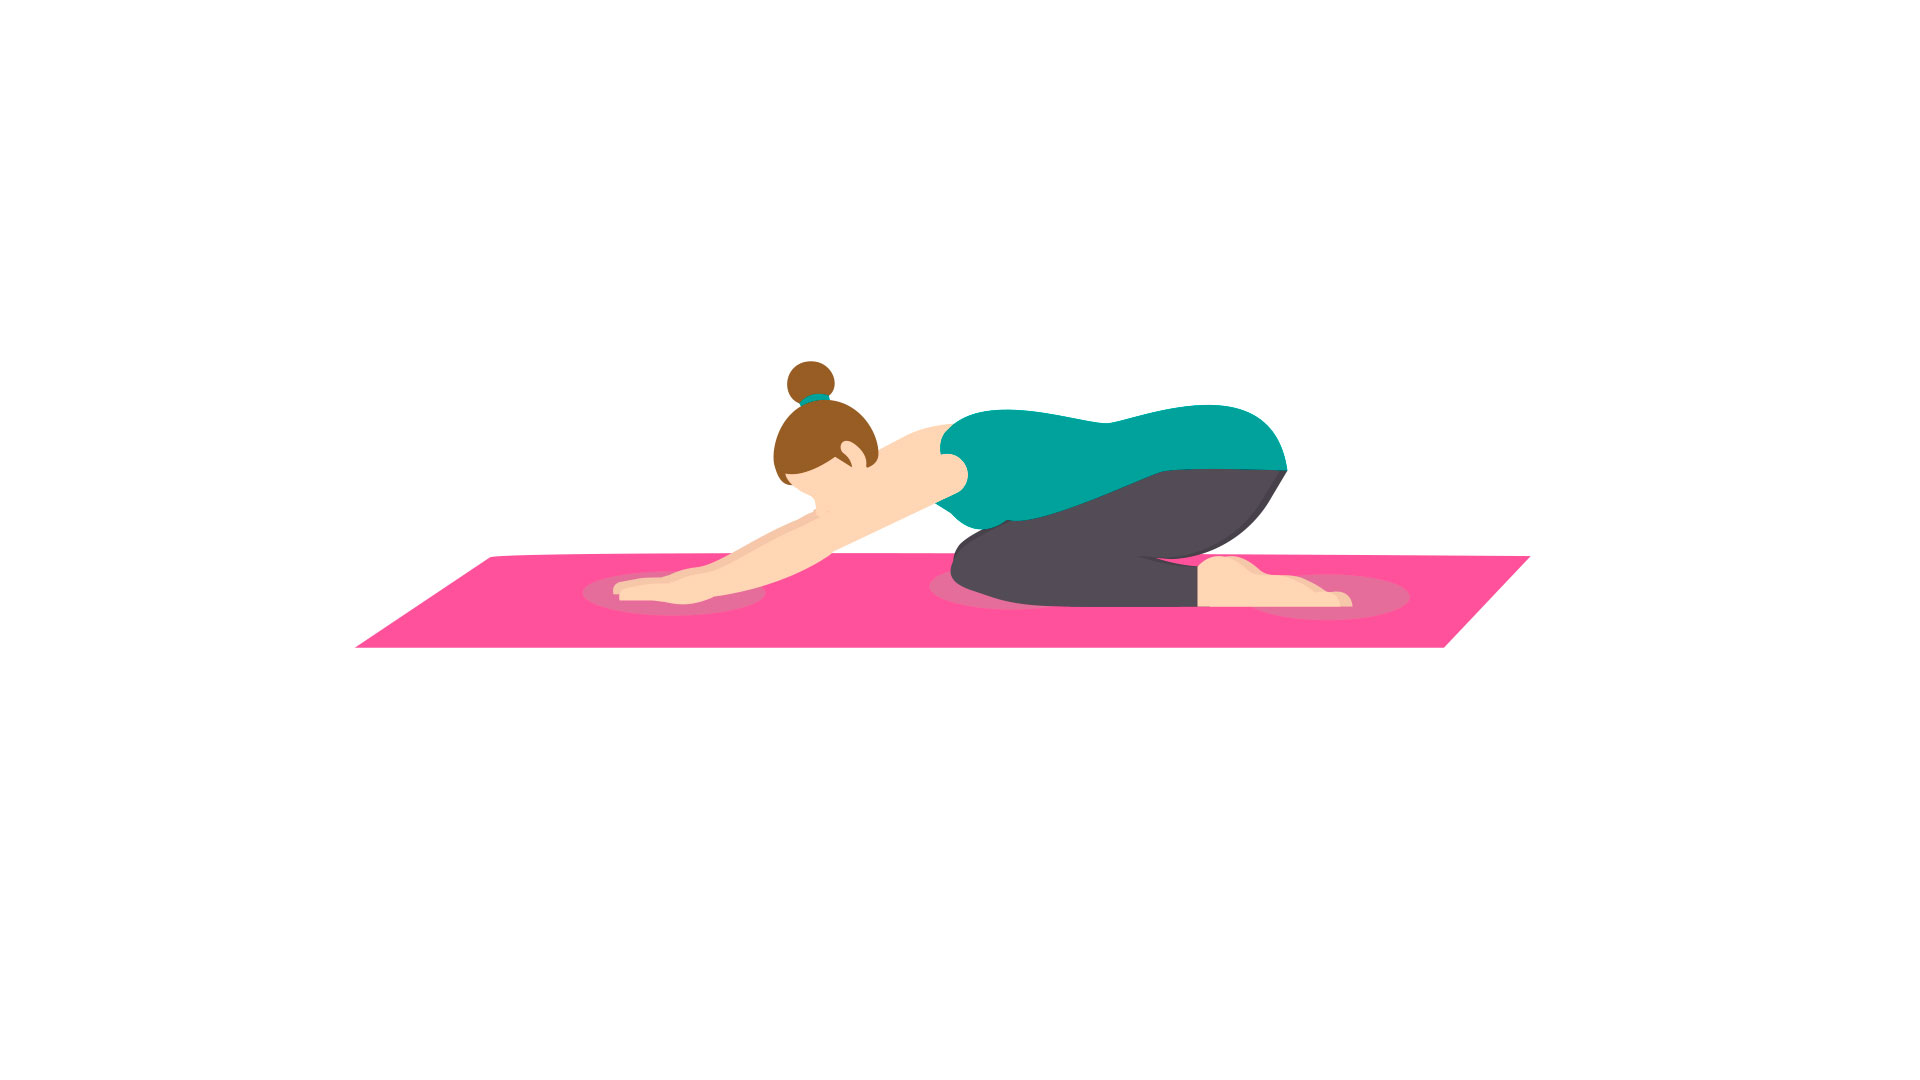 Imagen de postura de yoga